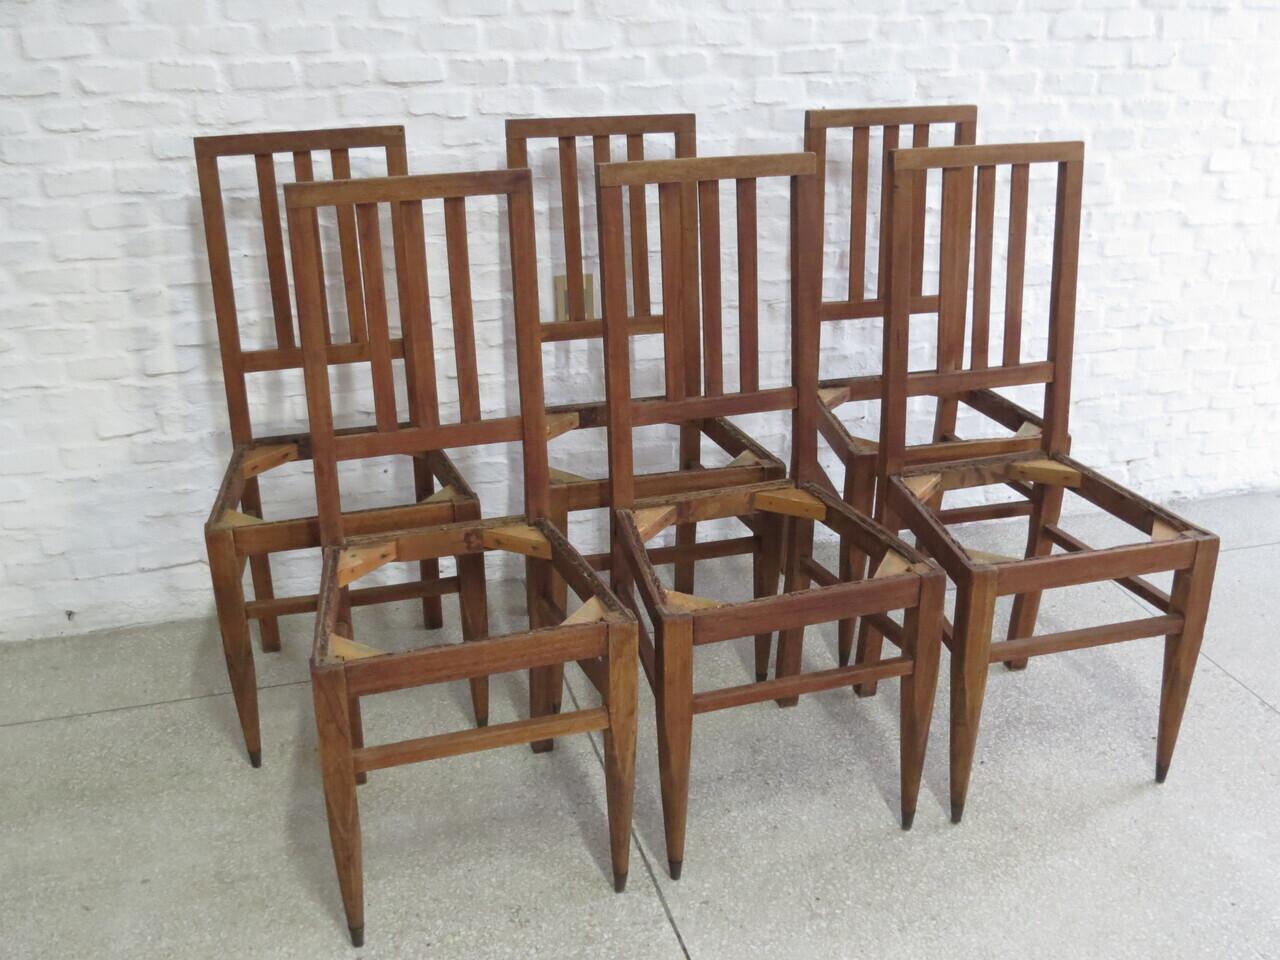 Lote: 53 - Lote: 53 - 6 sillas de roble